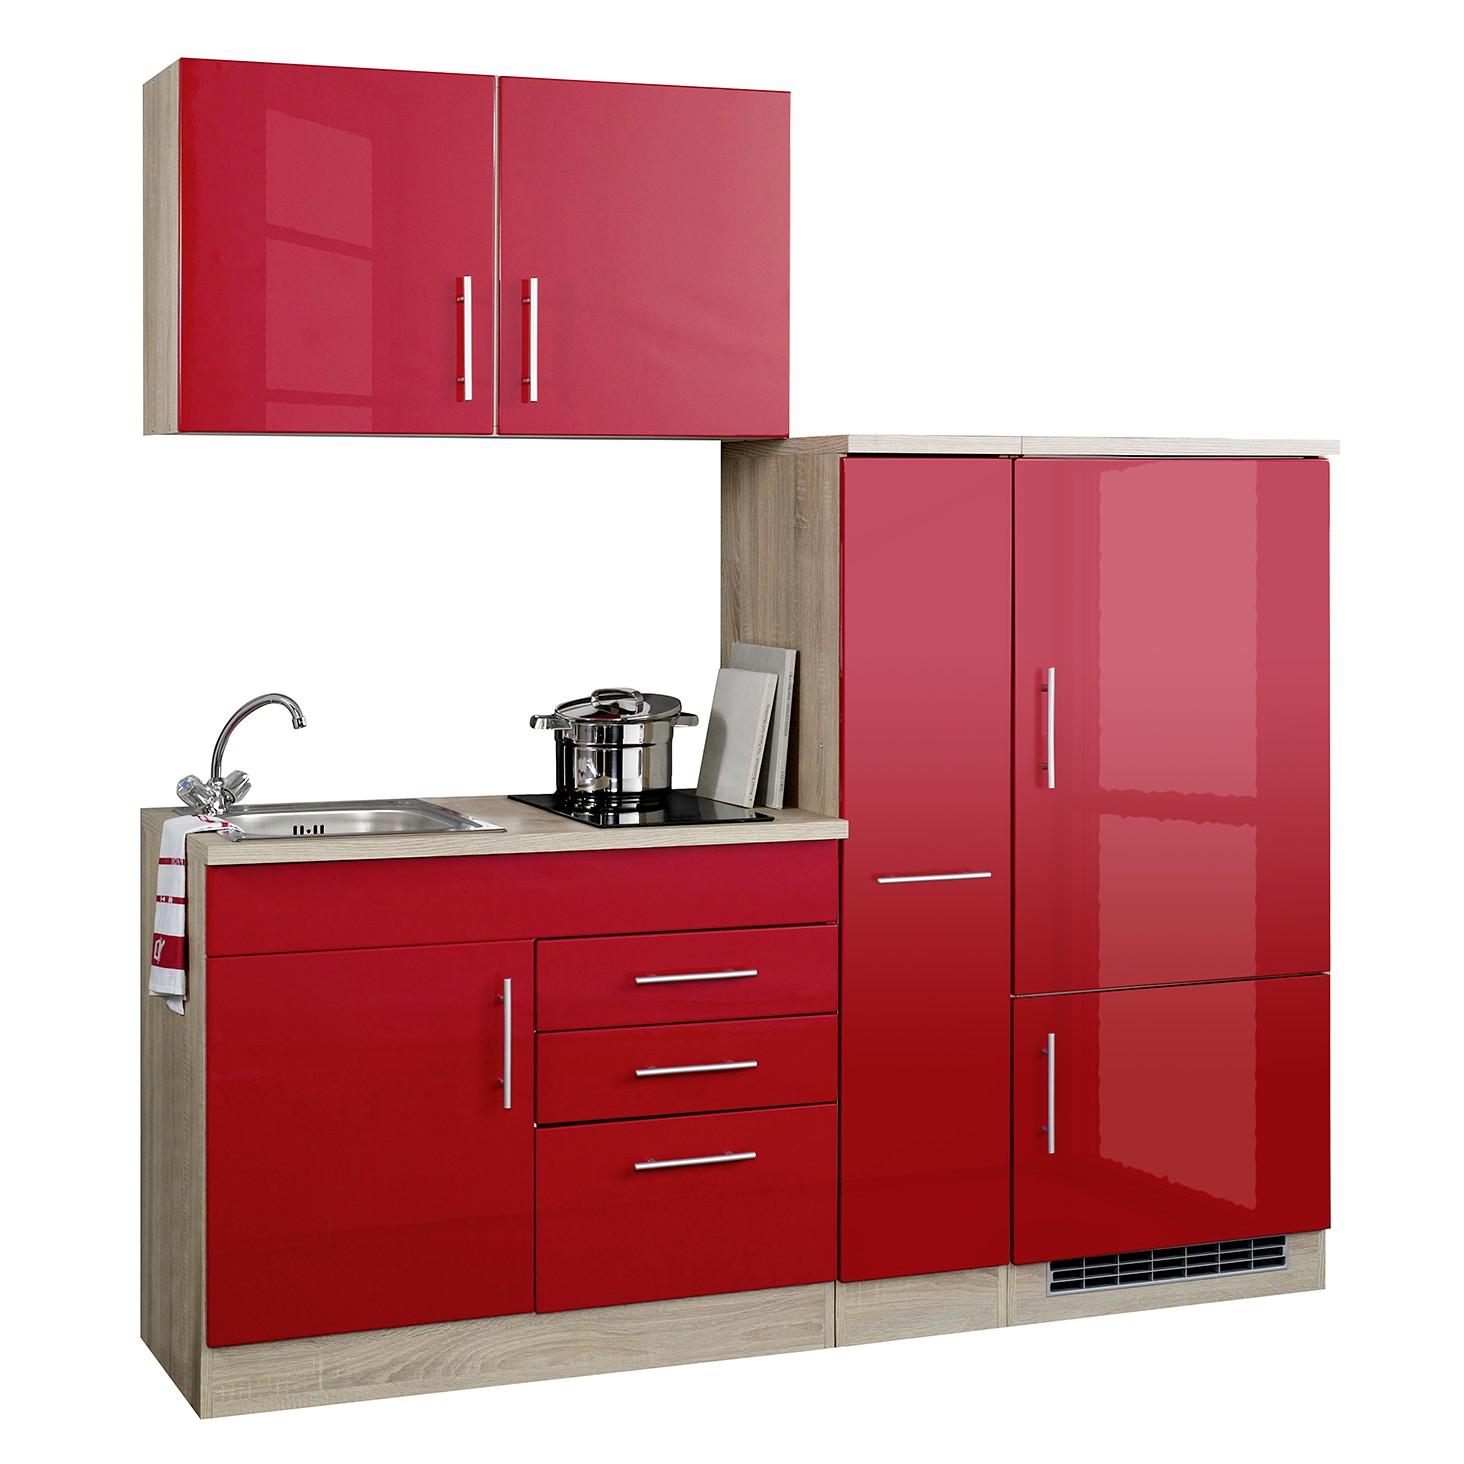 home24 Kuechenzeile Toronto II | Küche und Esszimmer > Küchen > Küchenzeilen | Held Kuechen